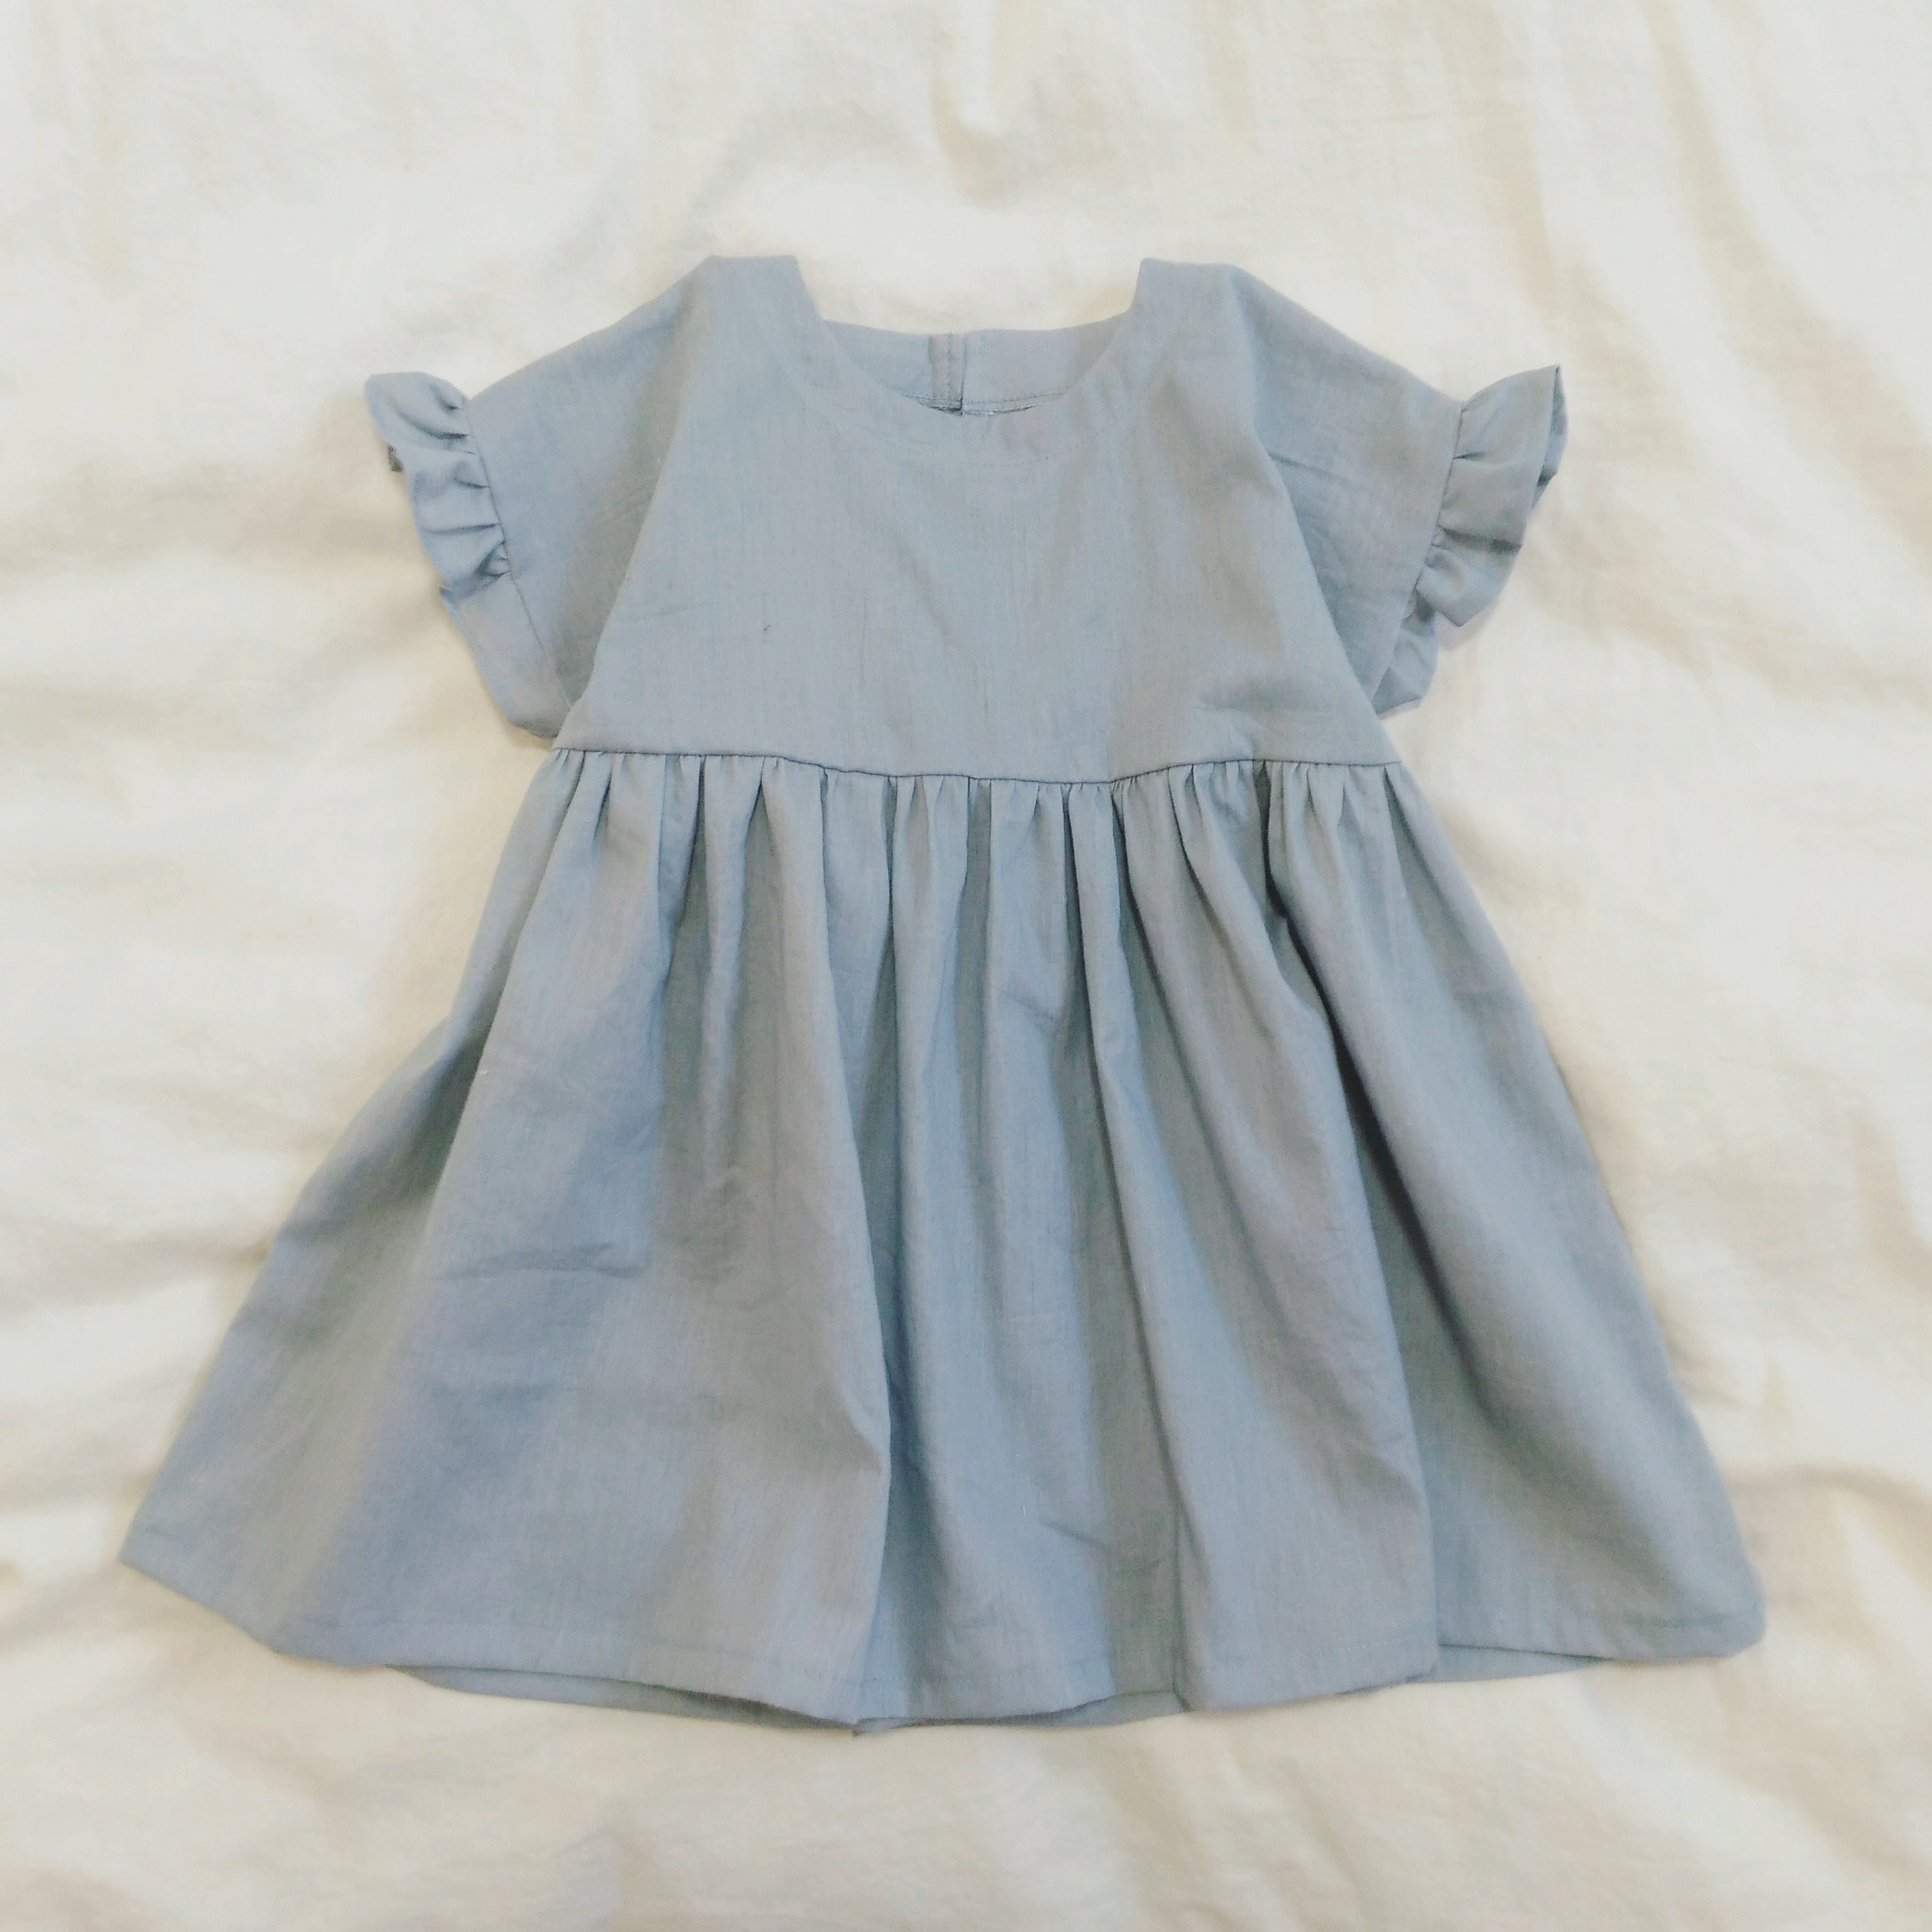 a42fcb7e1dc0d 子供服 ハンドメイド洋裁ブログ yanのてづくり手帖 簡単大人服・子供服